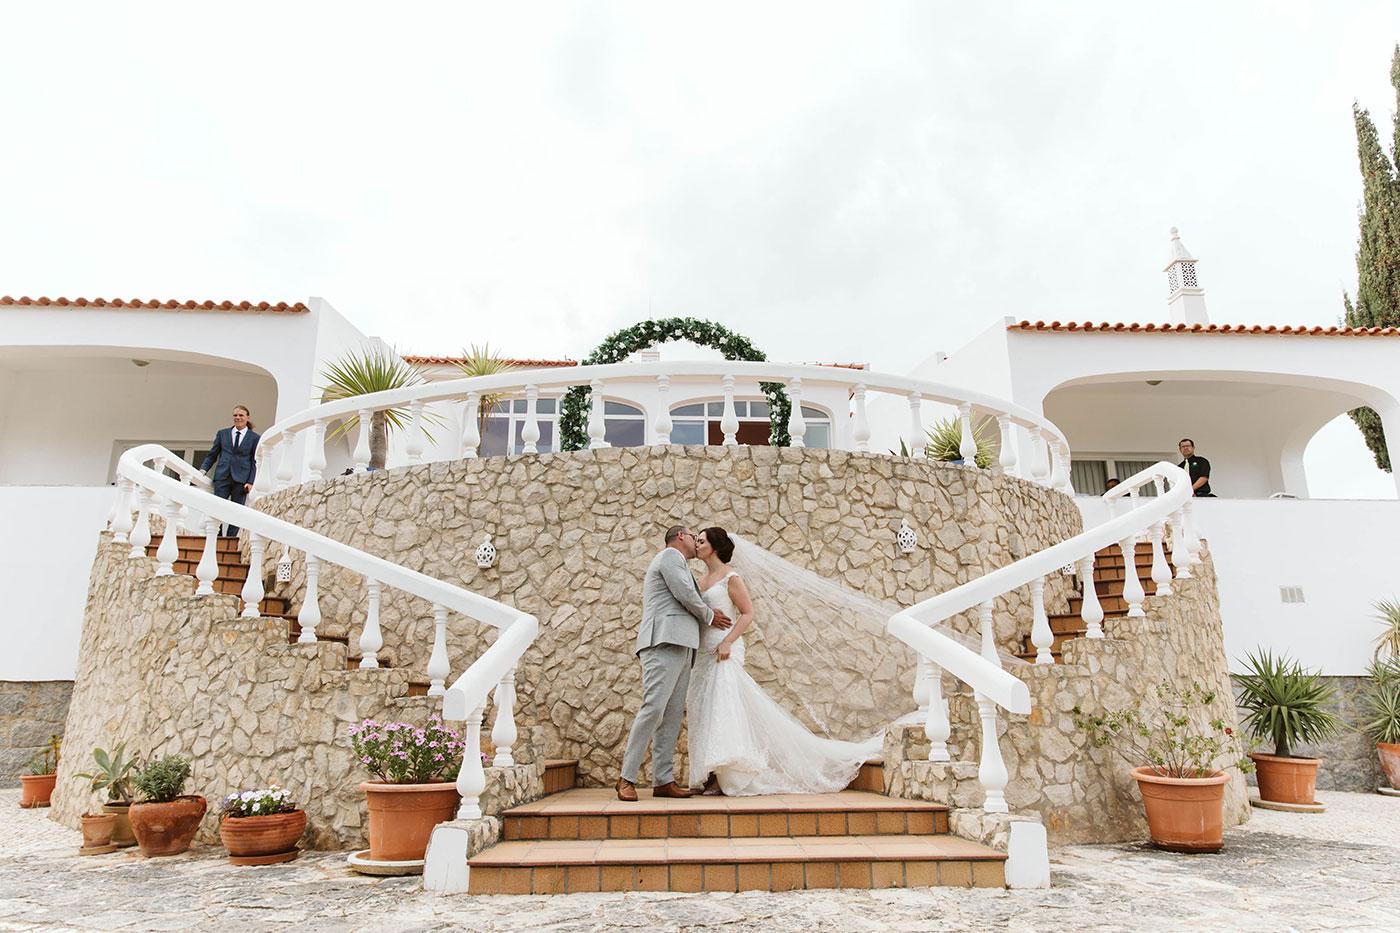 Casa Monte Cristo Wedding Venue